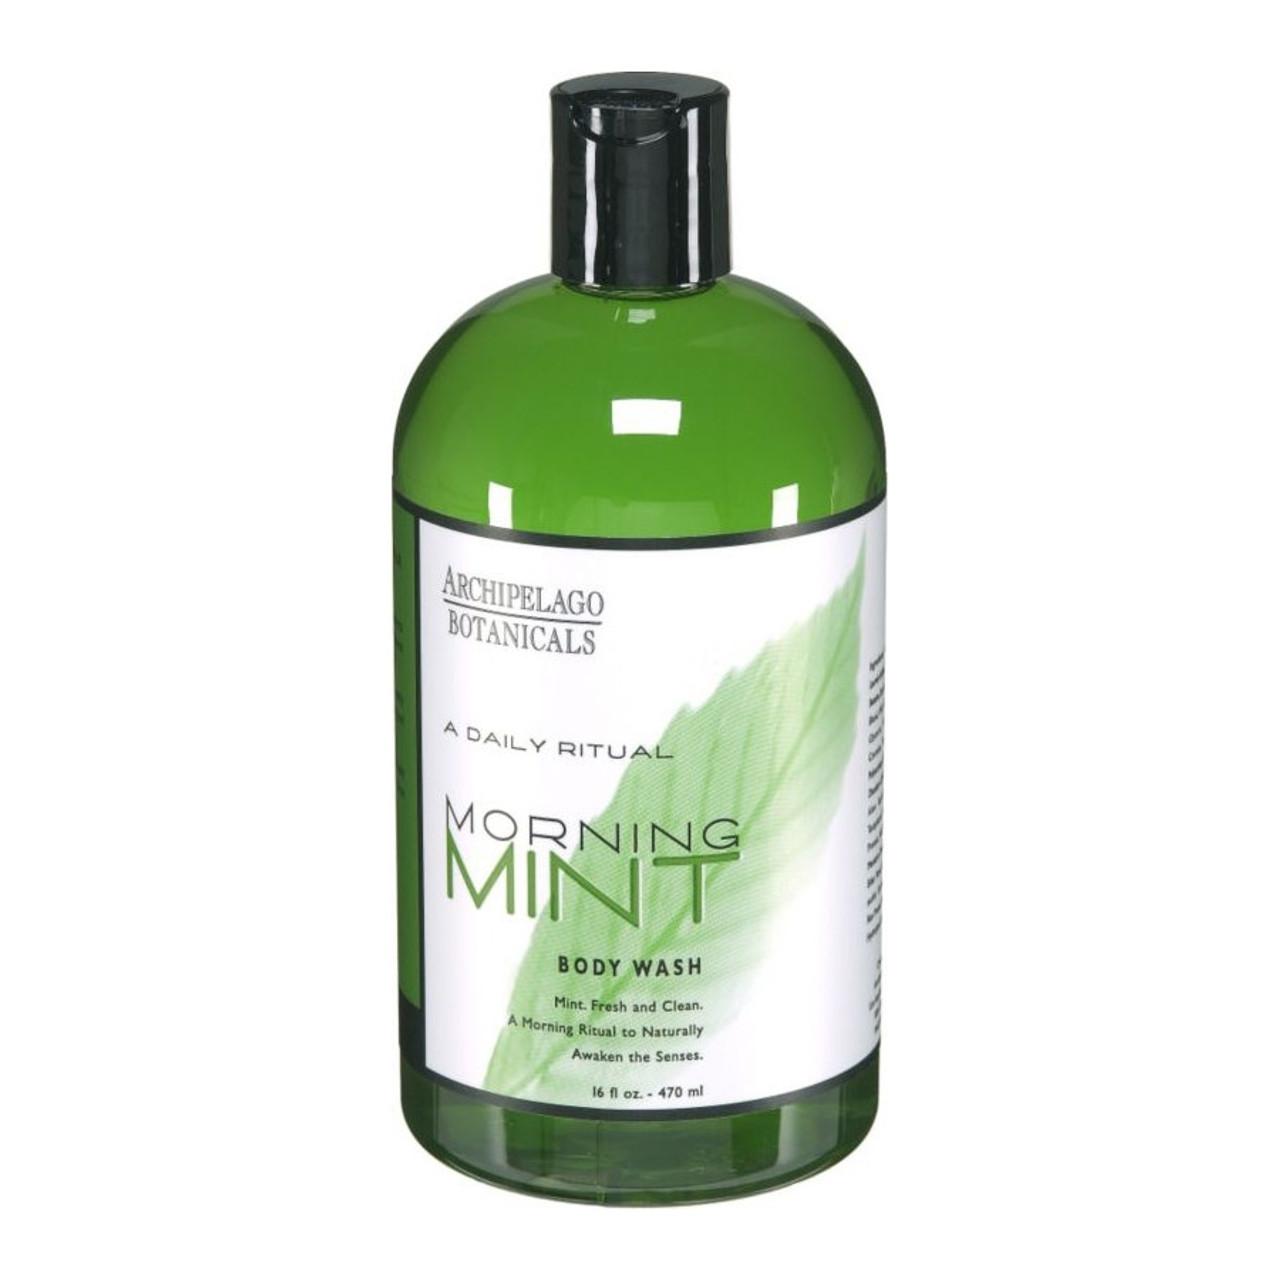 Archipelago Morning Mint Body Wash - 16 OZ